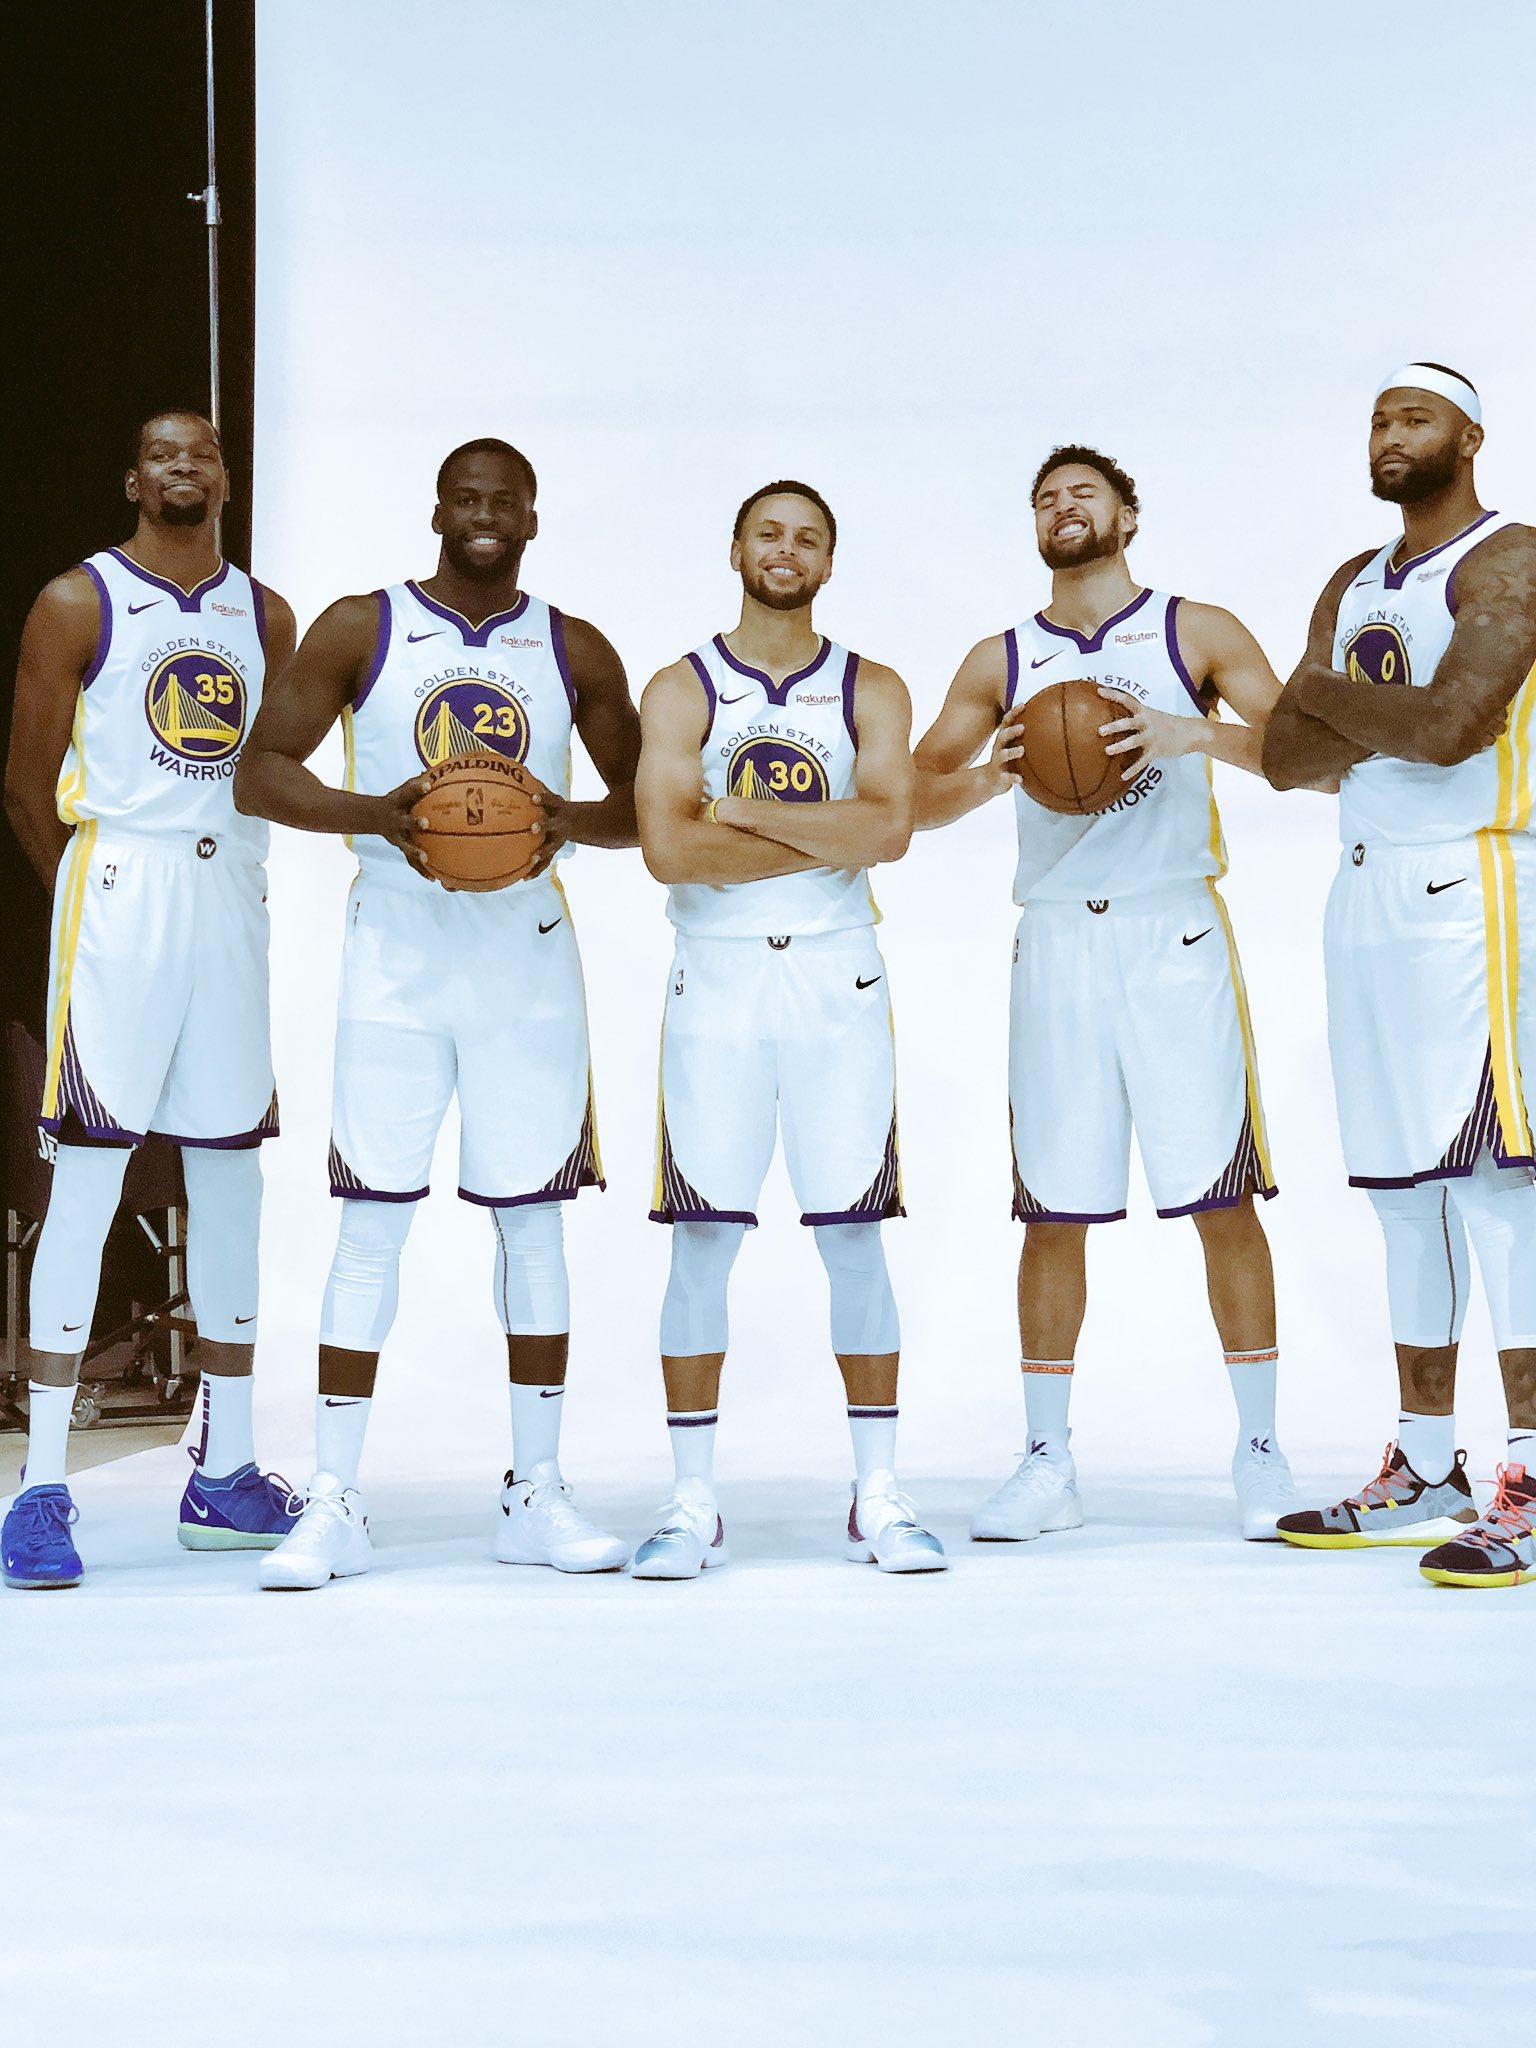 #NBAMediaDay #DubNation https://t.co/UzCqSvMmWz